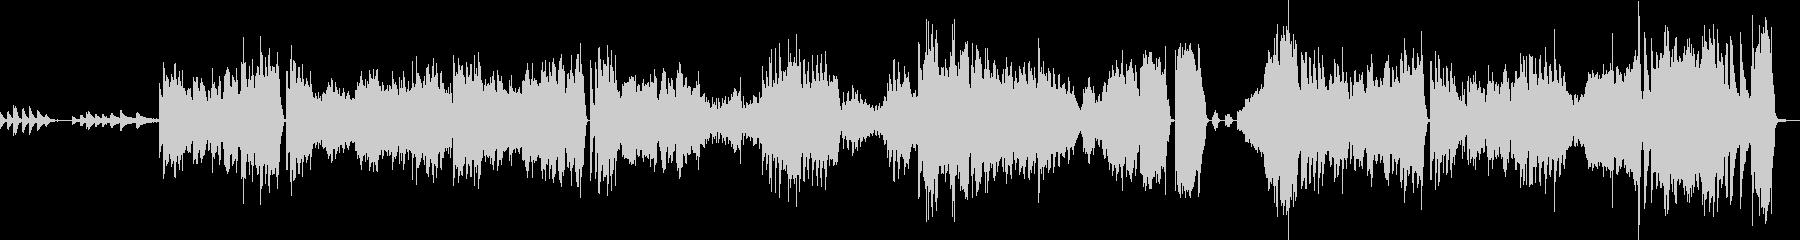 ショパン エチュード Op25 No11の未再生の波形